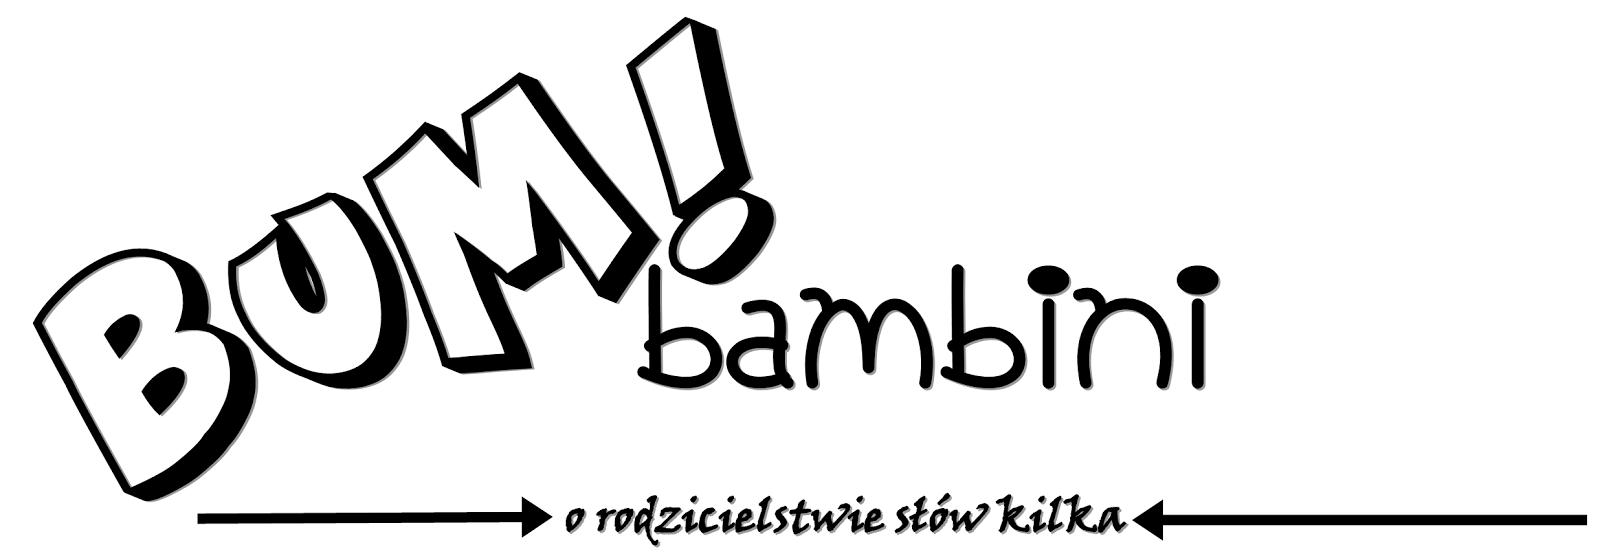 BumBambini / o rodzicielstwie słów kilka